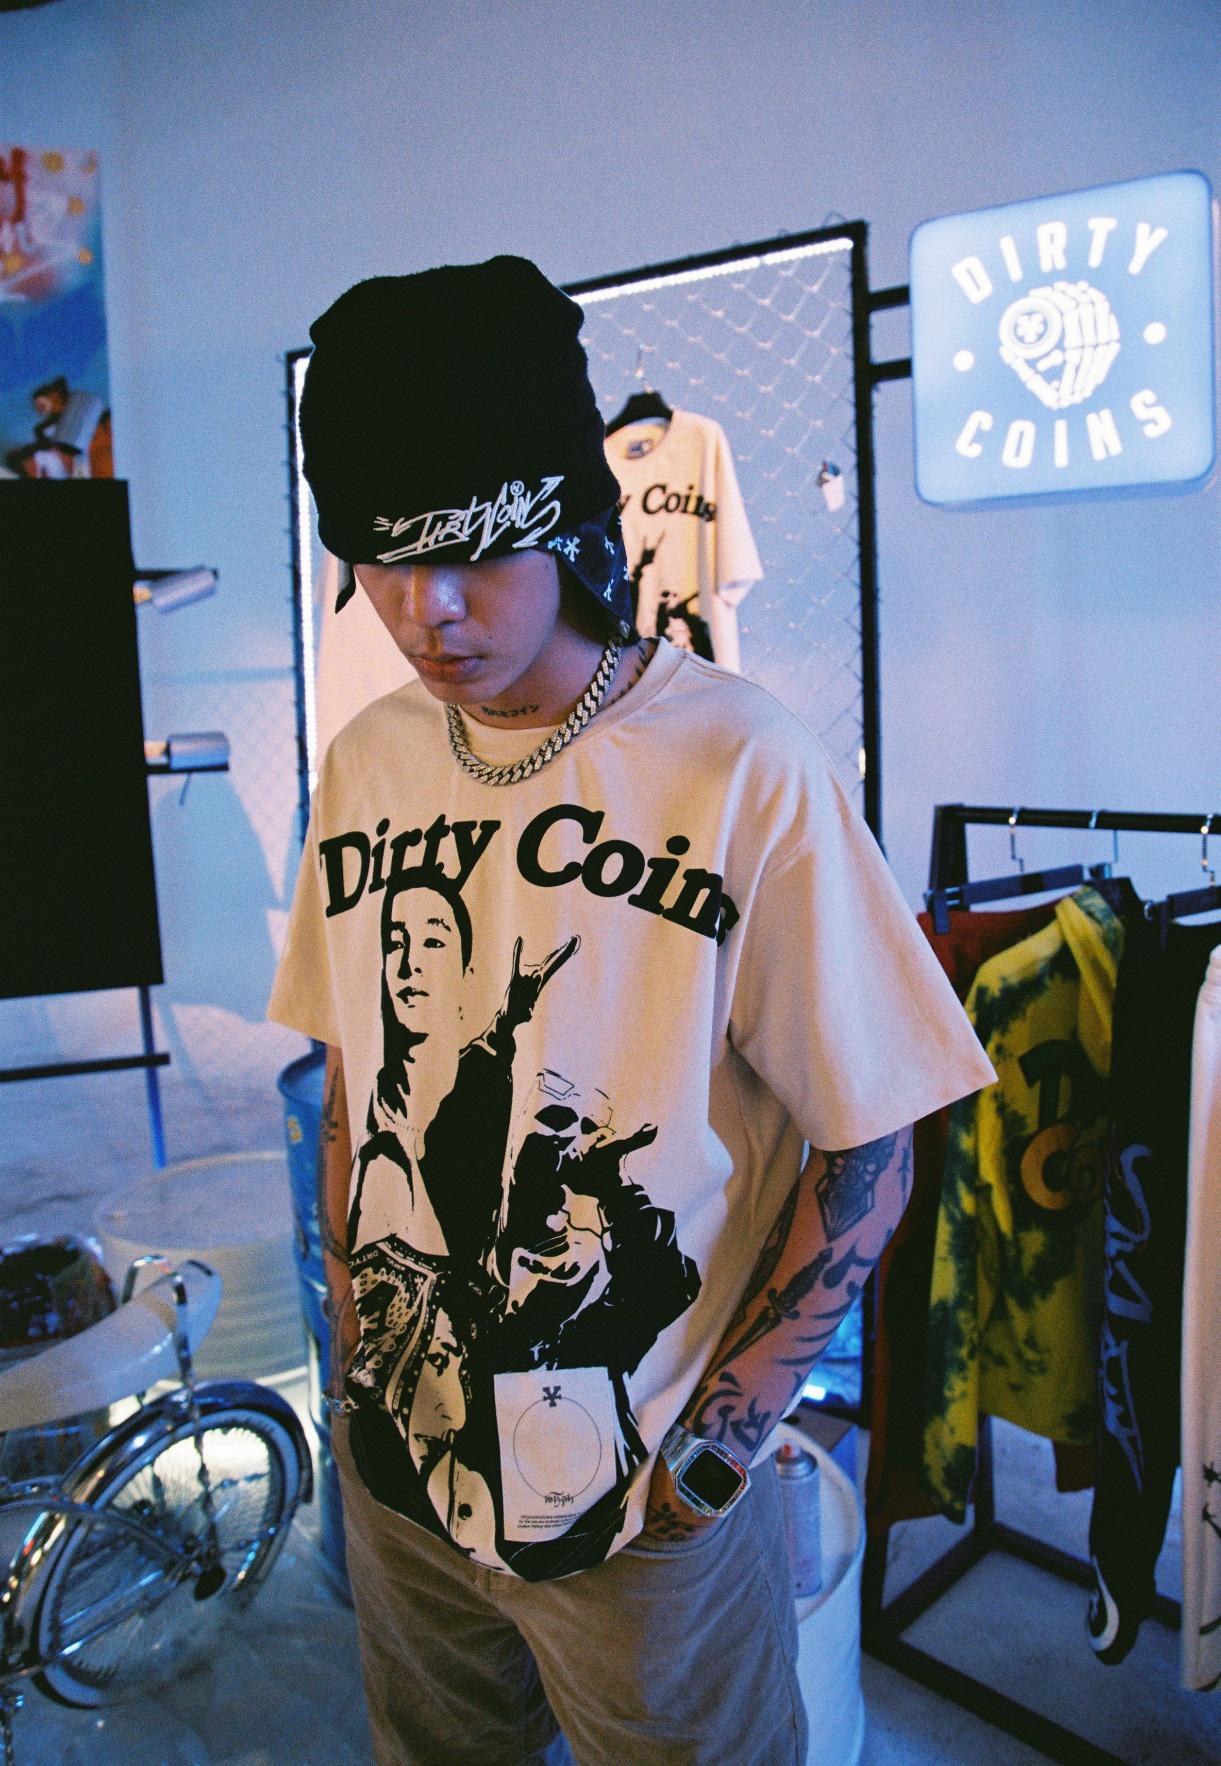 Cảm hứng về thời trang đậm chất hip-hop trong collection kết hợp giữa 16 Typh và DirtyCoins - Ảnh 6.